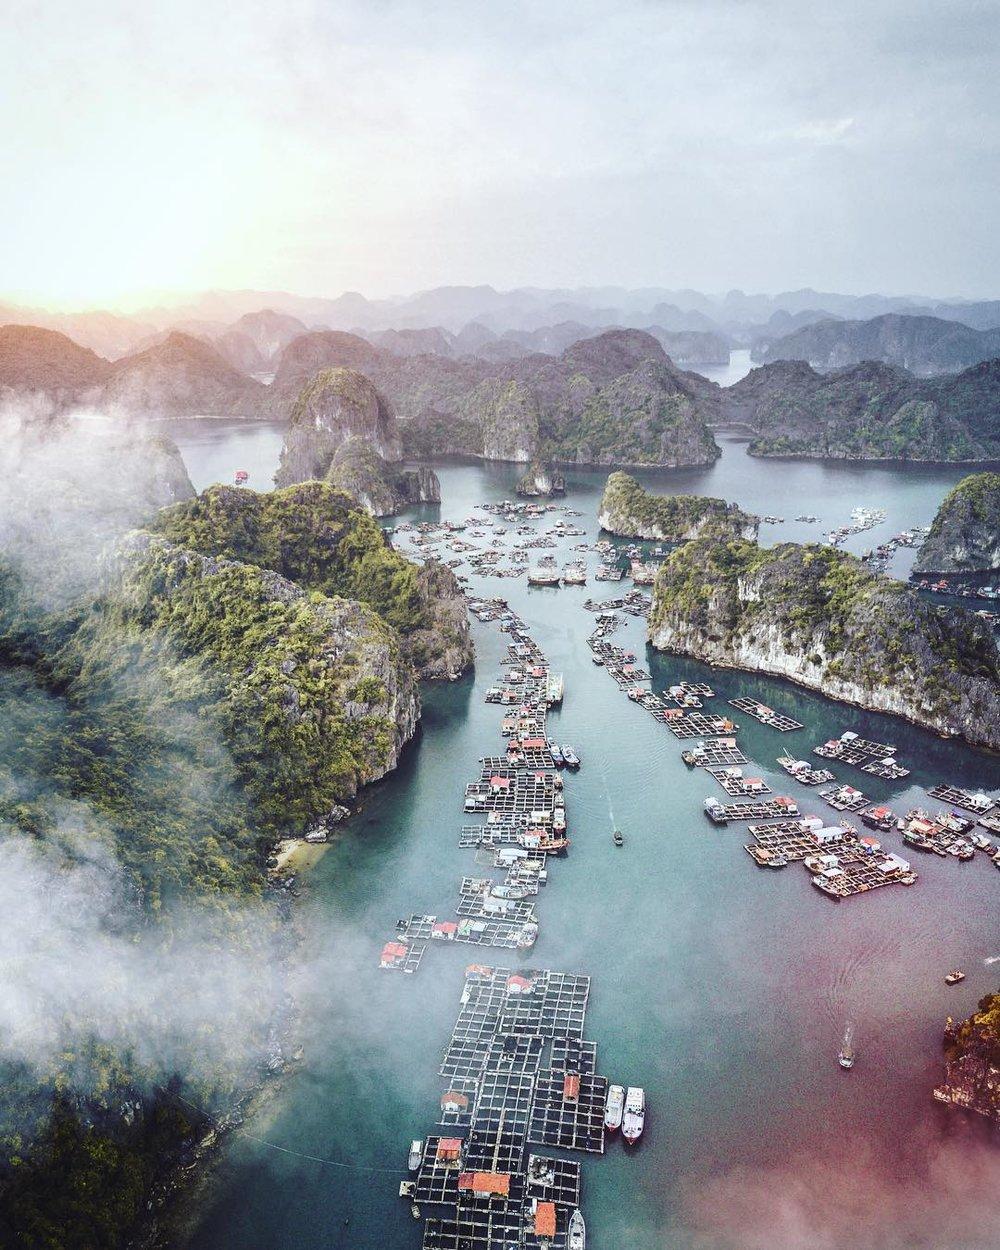 Swimming village, Vietnam.